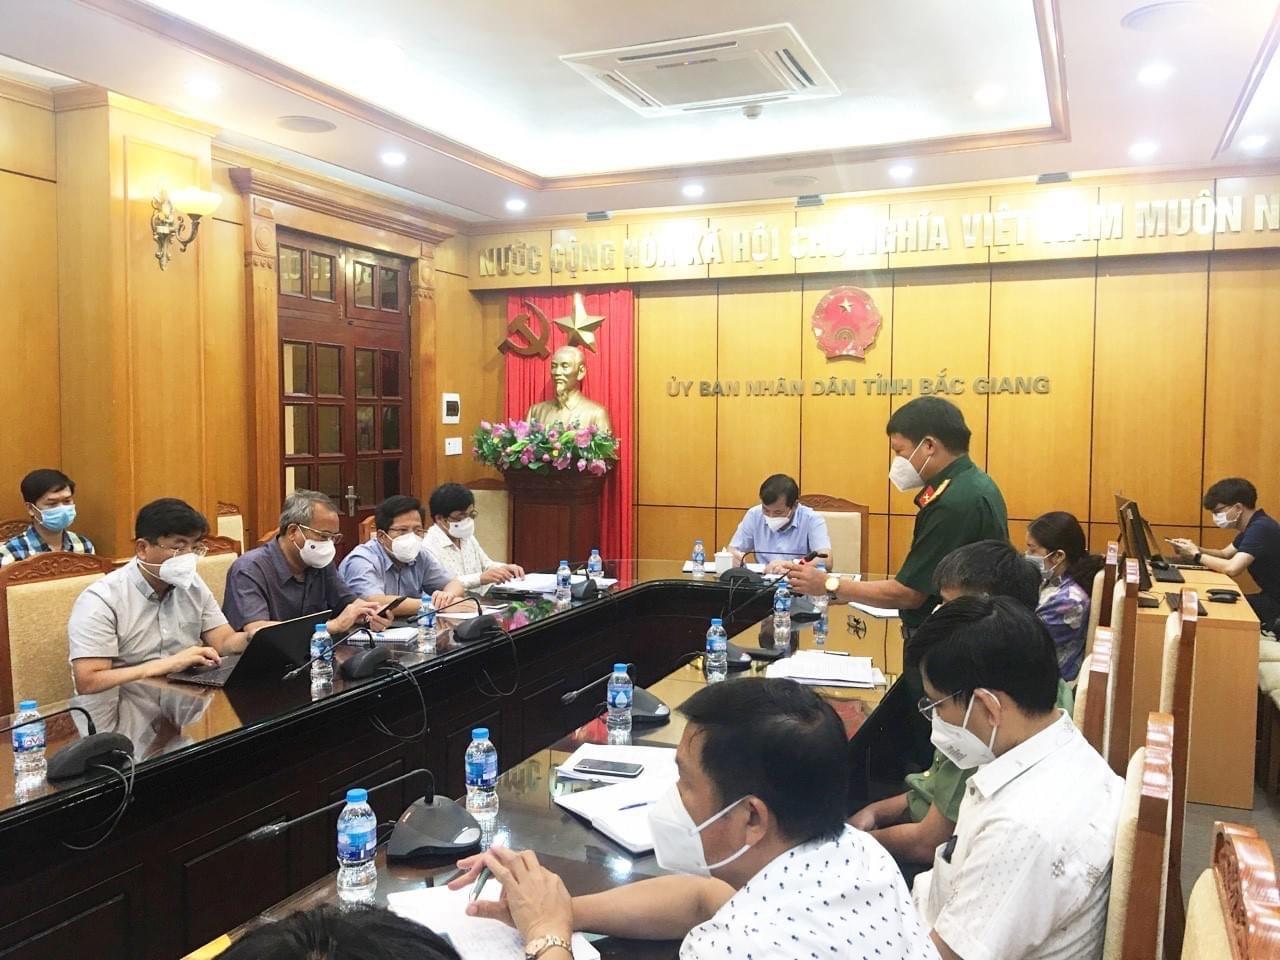 """Bắc Giang: Nếu không chốt chặn """"nguồn cung"""" F0, có thể vài tháng dân chưa ra nổi khỏi khu cách ly"""